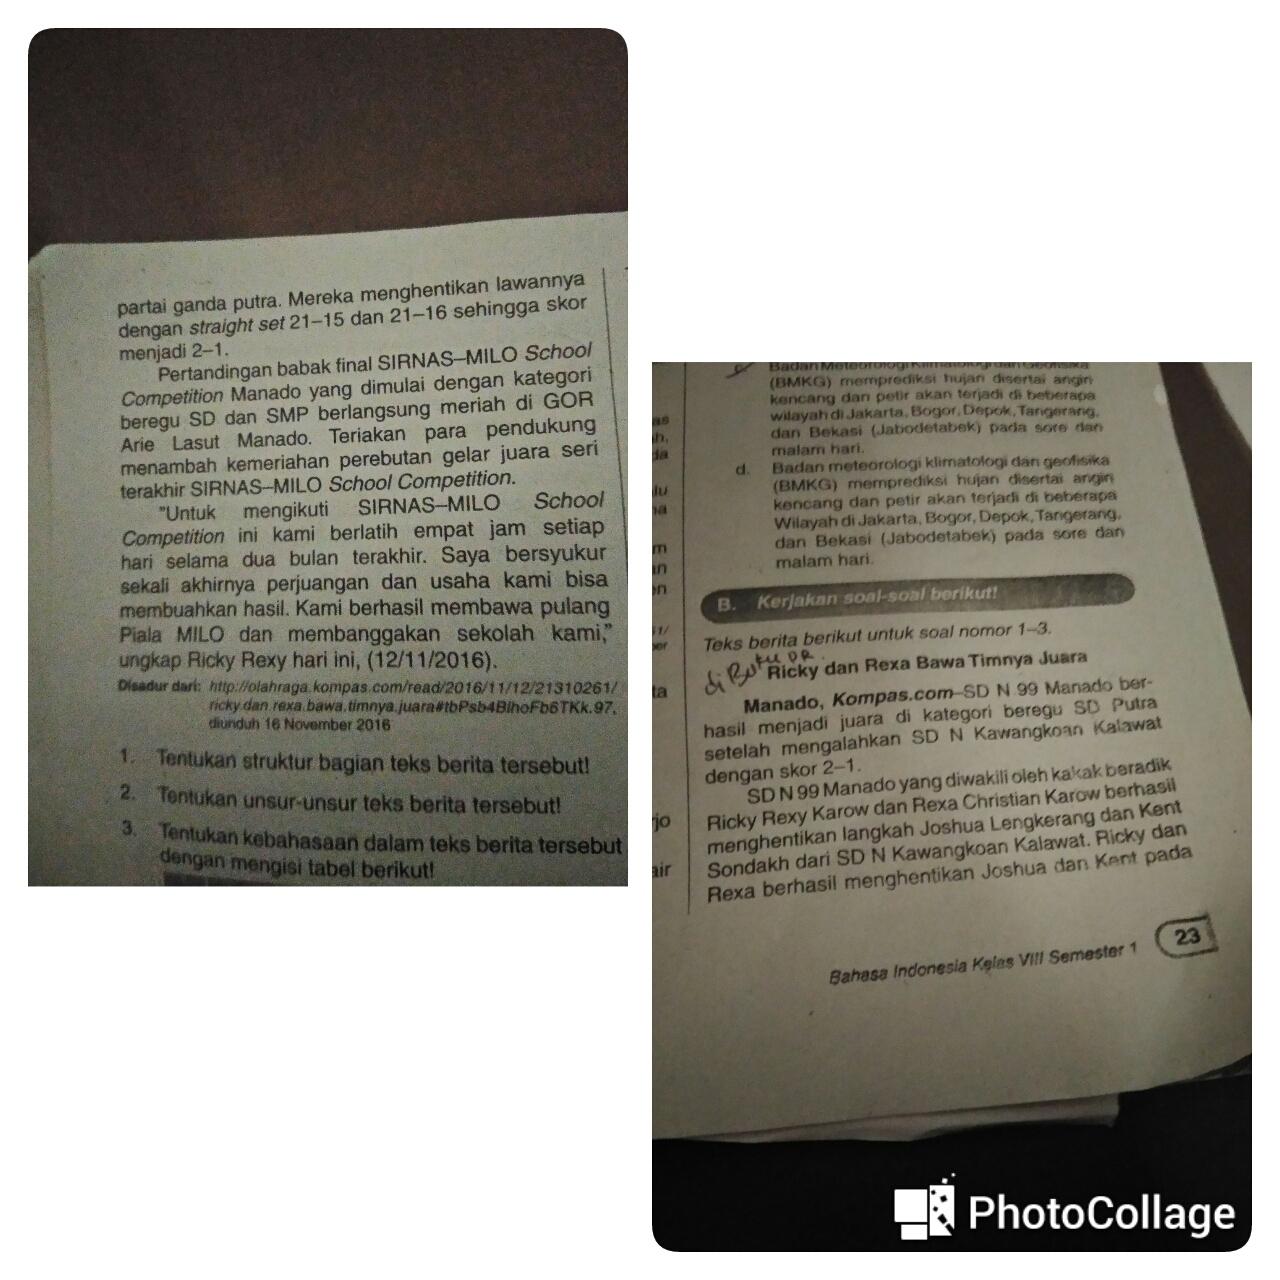 1 Tuliskan Struktur Bagian Teks Berita Tersebut2 Tentukan Unsur